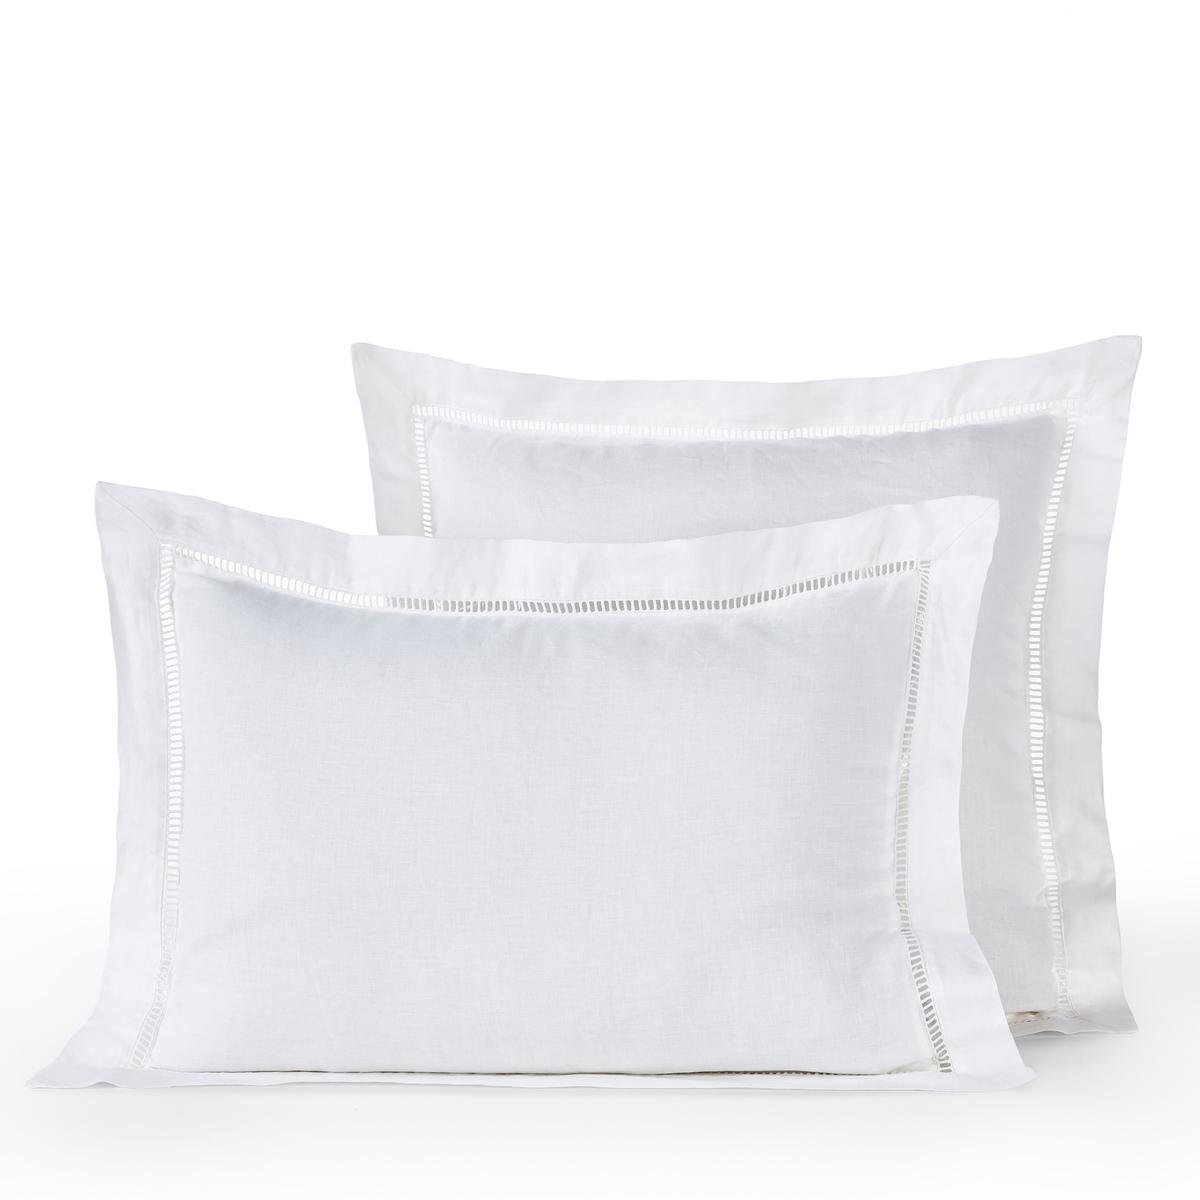 Наволочка La Redoute Scala 65 x 65 см белый чехол la redoute на подушку валик ecaille 45 x 45 см синий